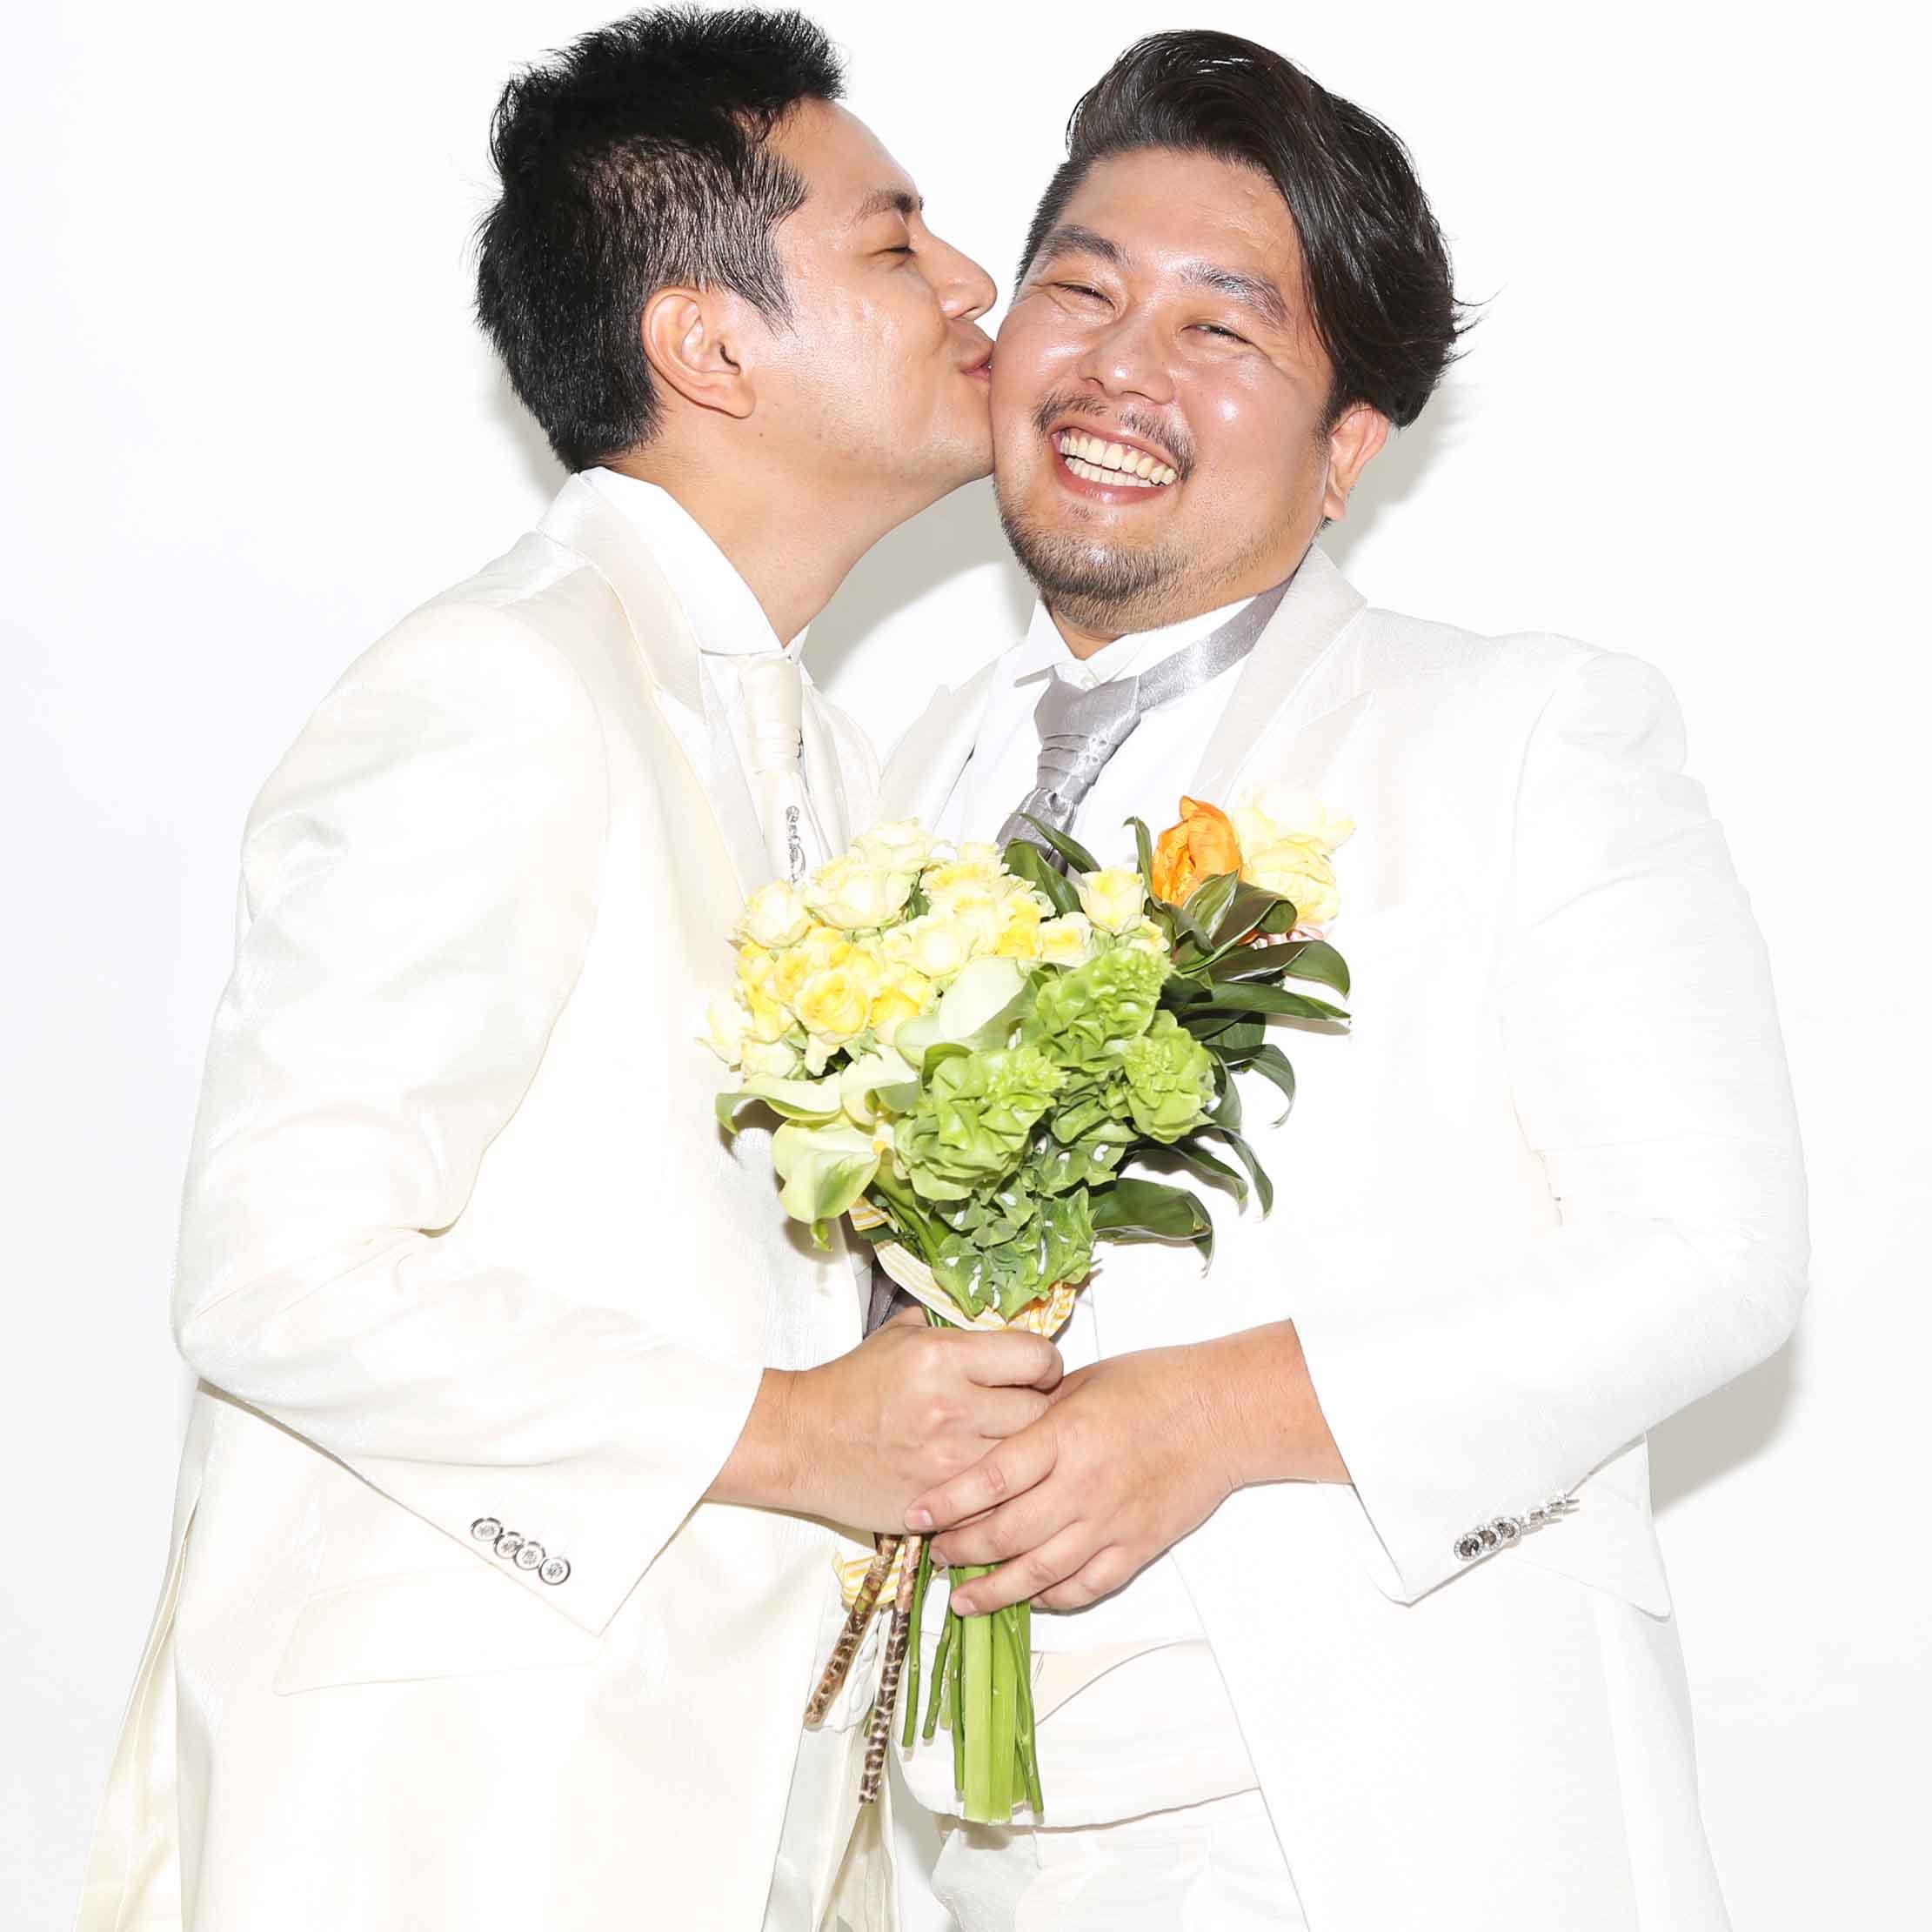 rainbow pride wedding photo